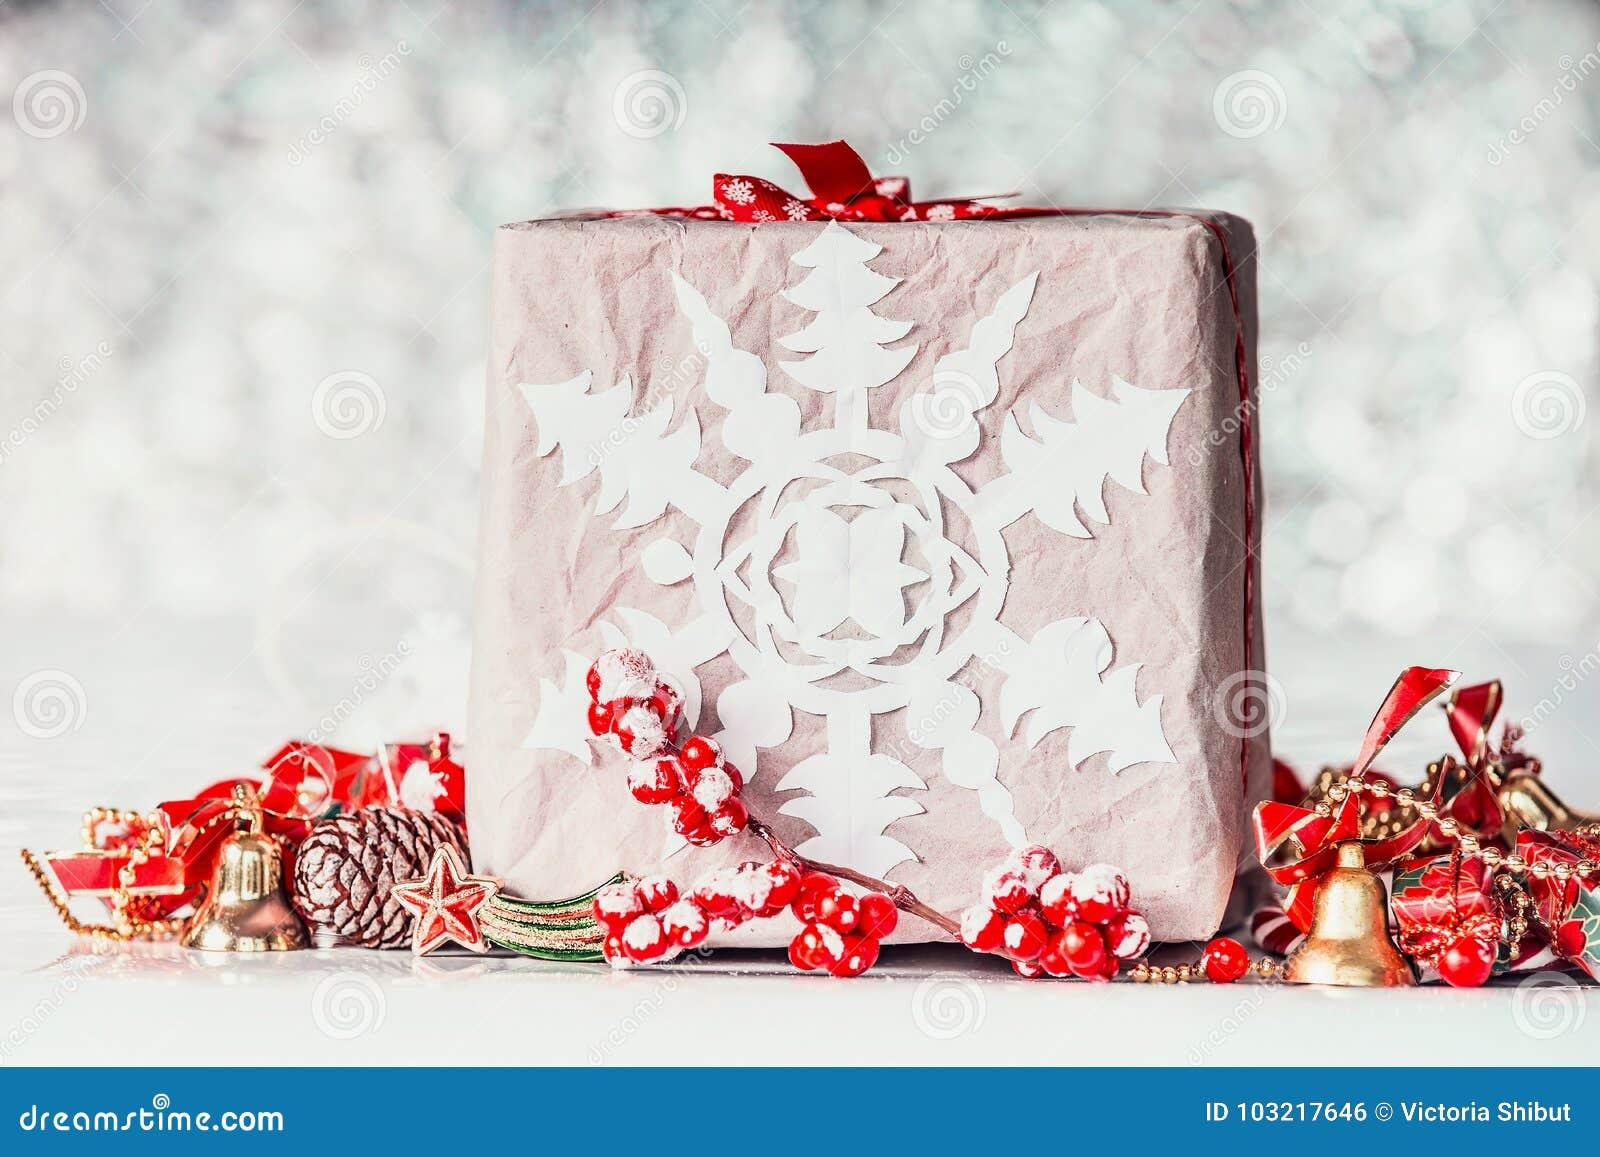 Contenitore Di Regalo Fatto A Mano Di Natale Con I Fiocchi Di Neve